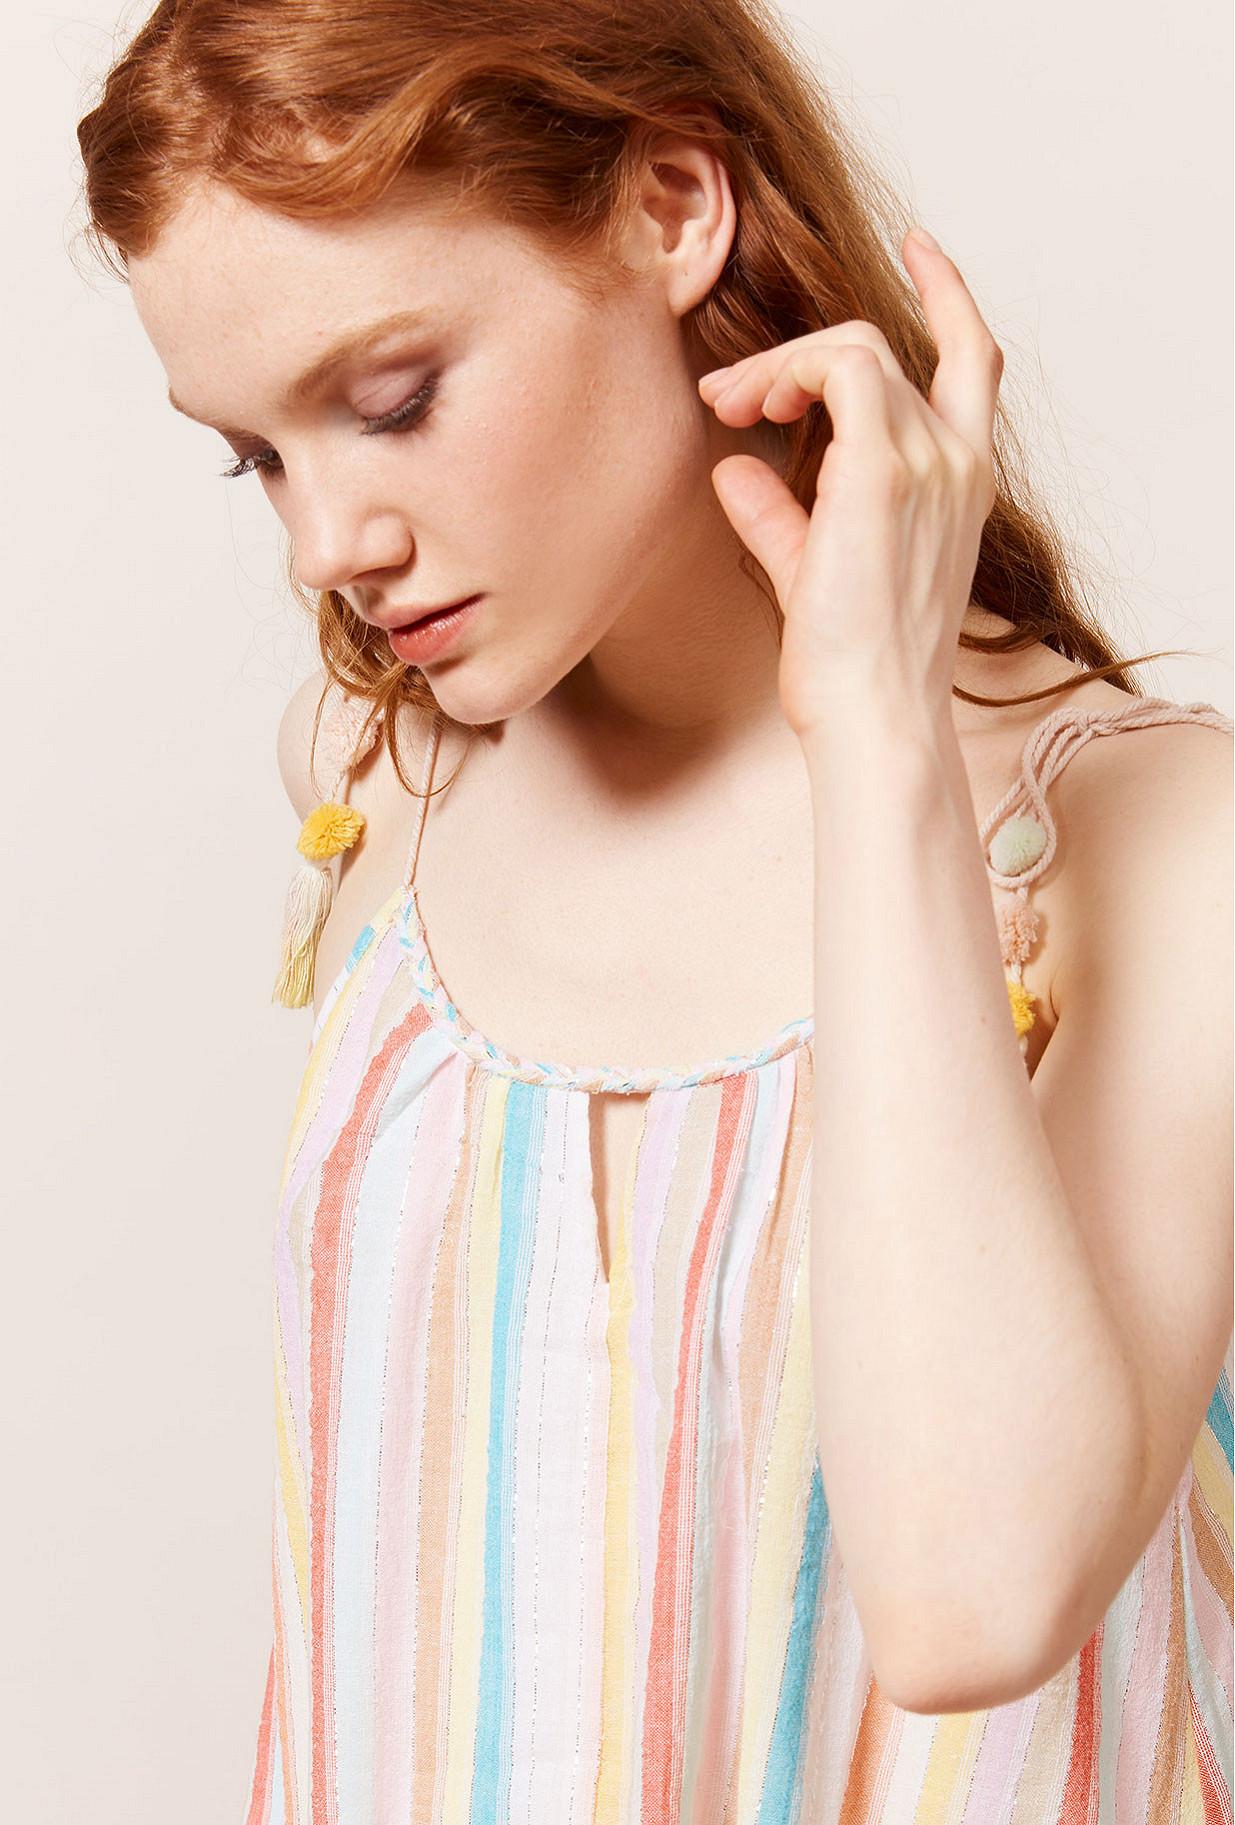 Paris boutique de mode vêtement Top créateur bohème  Riri